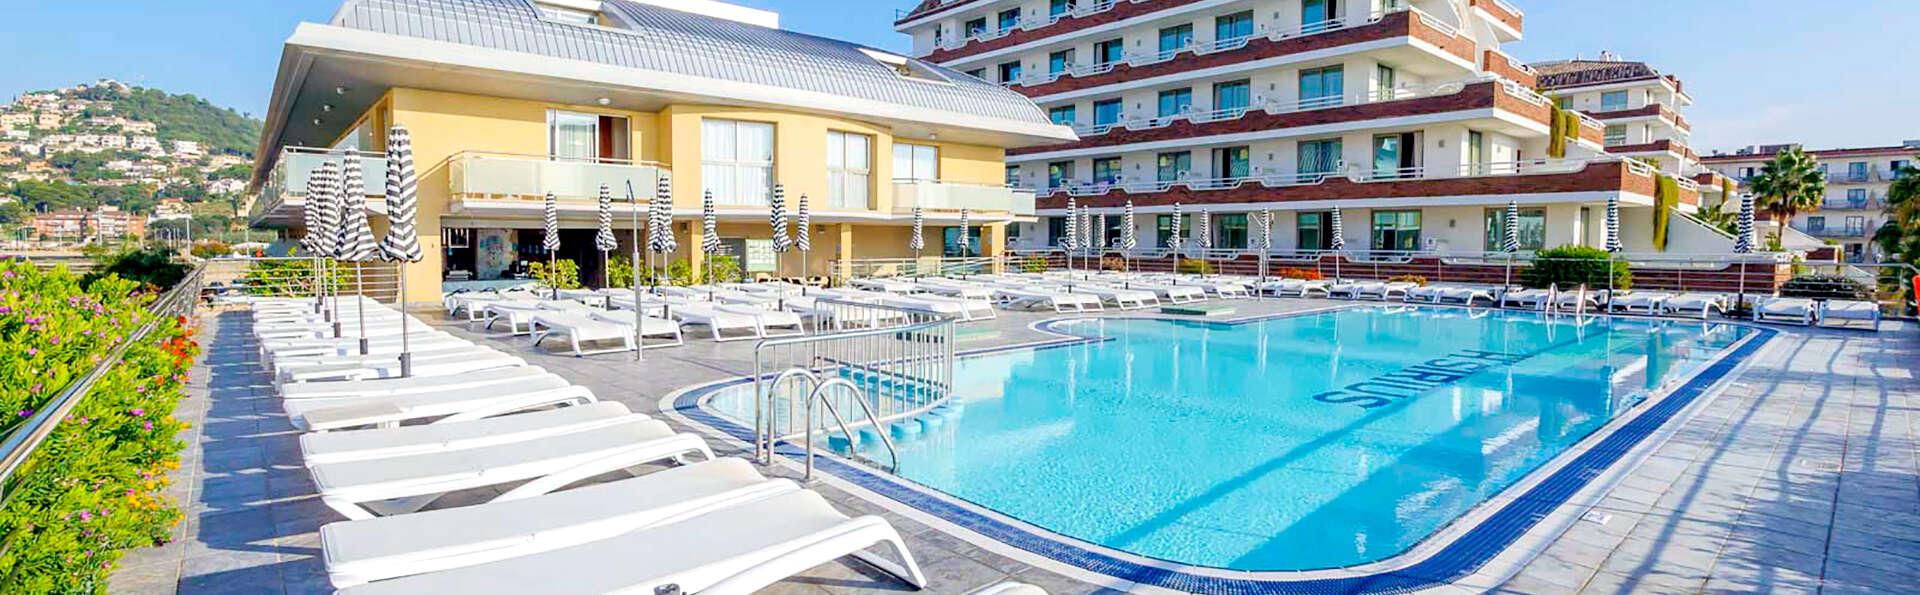 Aprovecha tu verano en Pensión completa con piscina y pocos metros de la playa